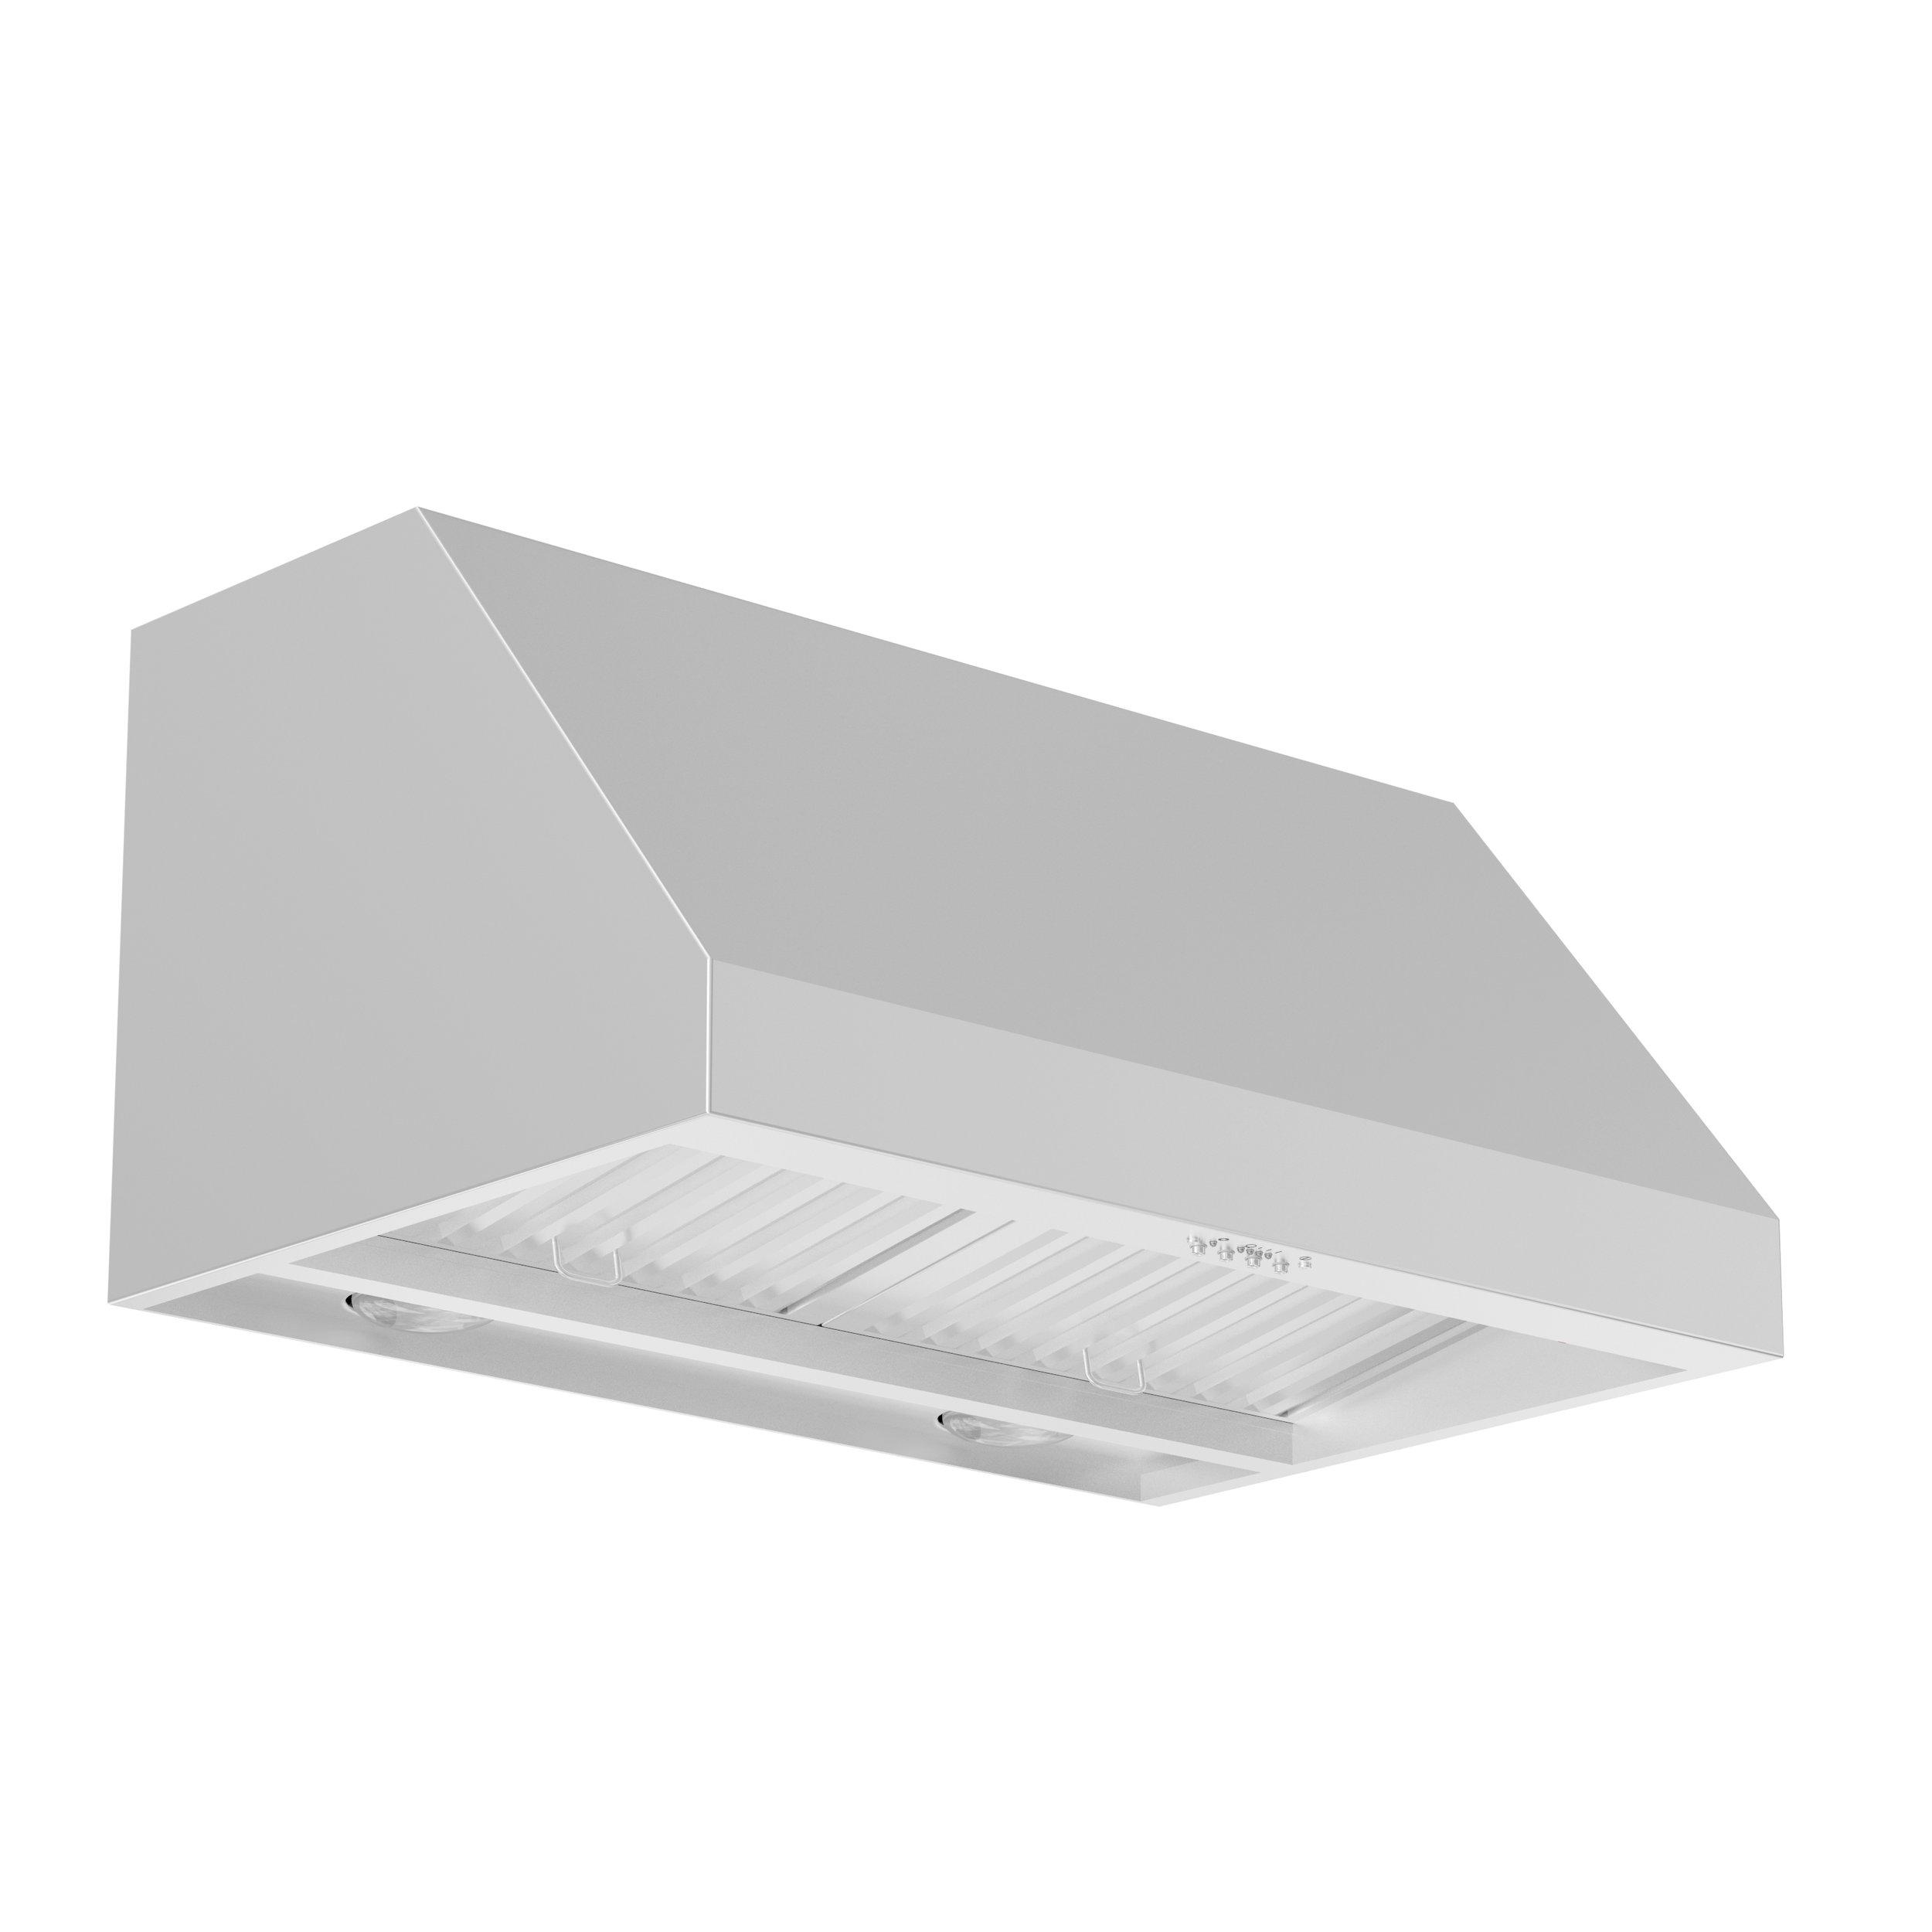 zline-stainless-steel-under-cabinet-range-hood-523-side-under.jpeg